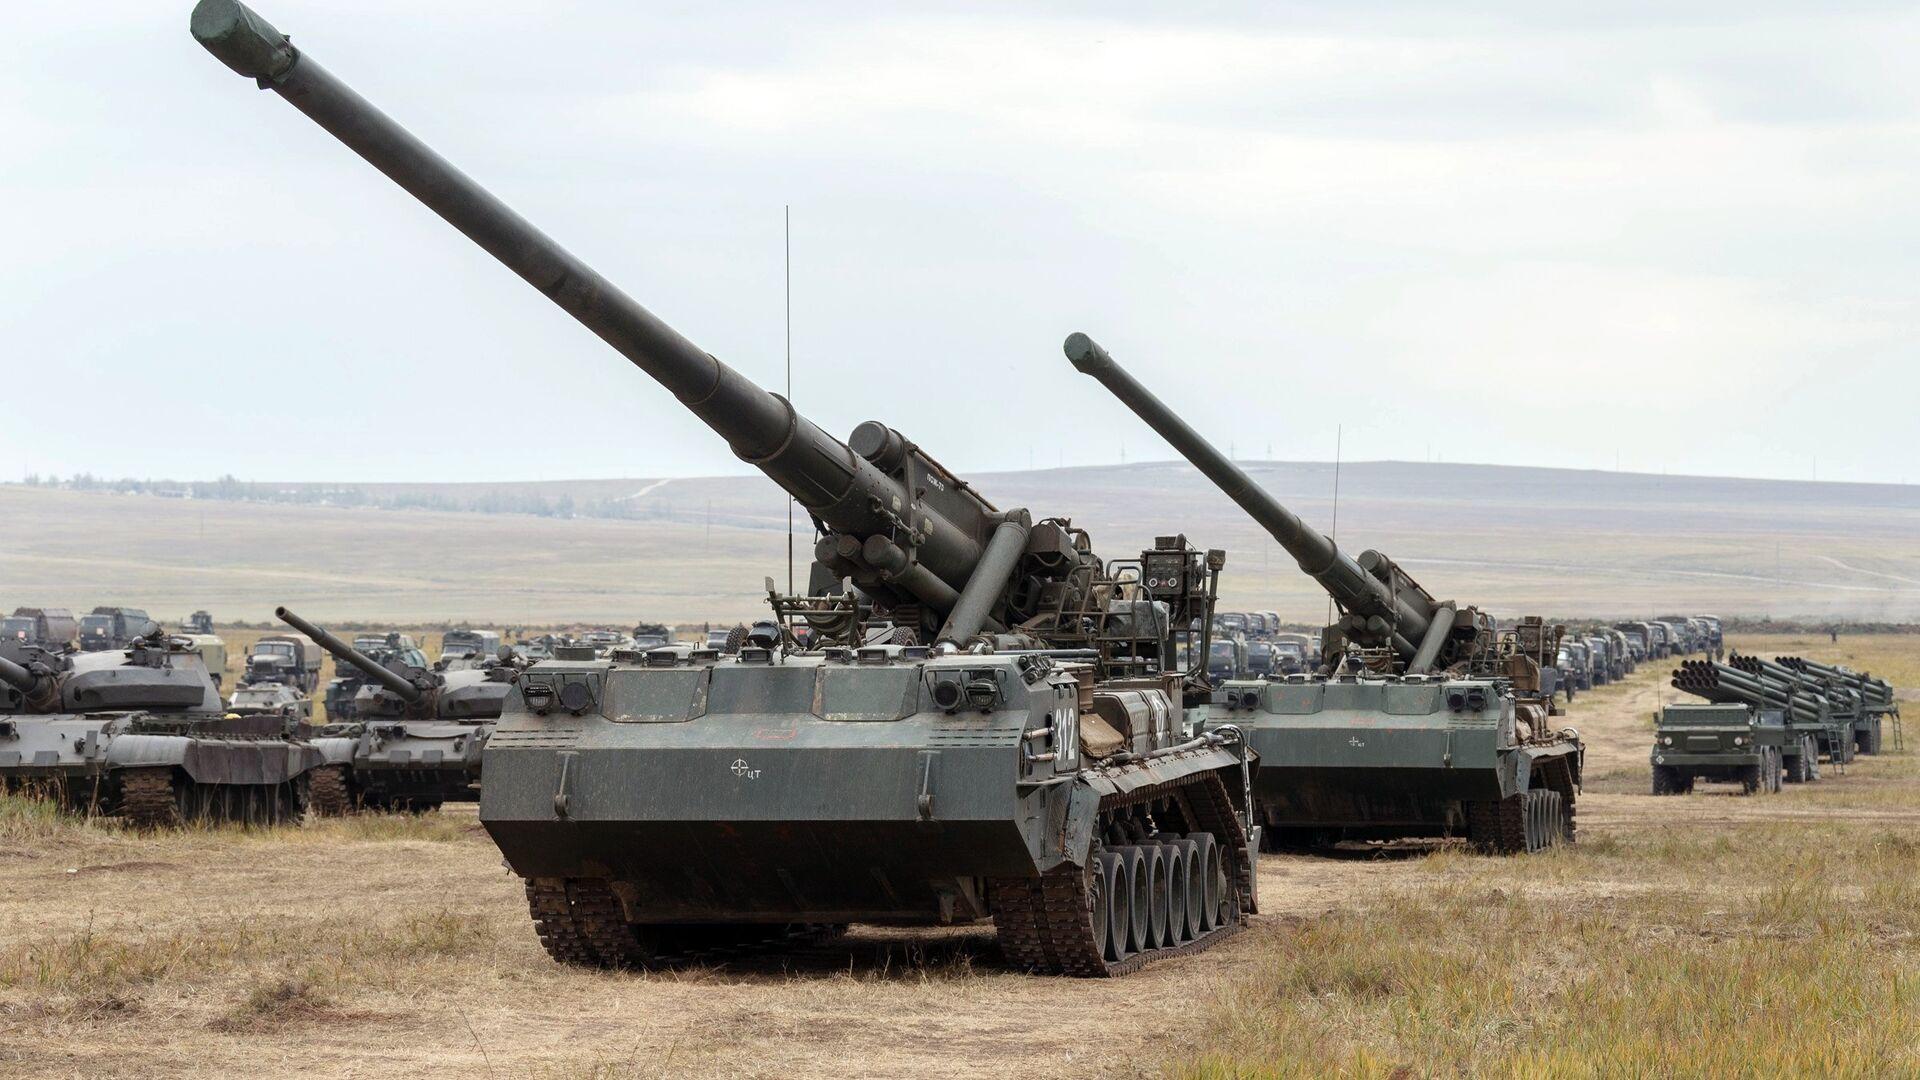 Самоходная артиллерийская установка 2С7 Пион  - РИА Новости, 1920, 06.10.2019